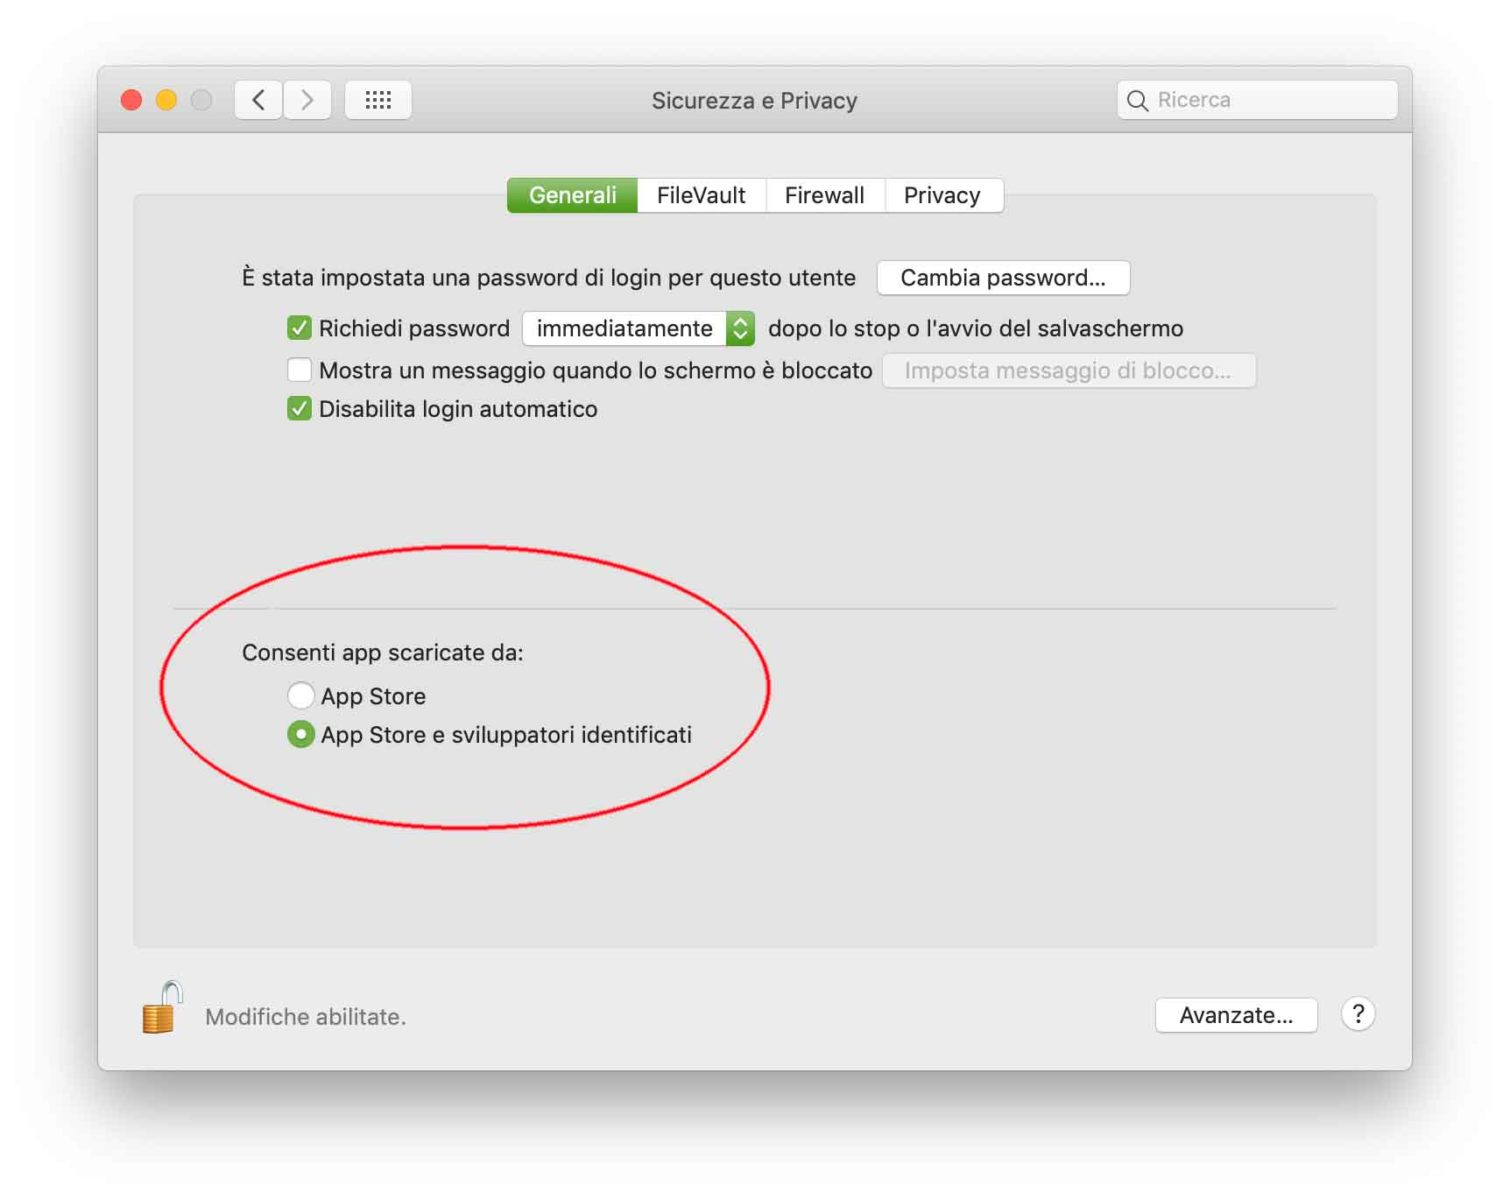 """È possibile proteggere il Mac dai malware consentendo l'esecuzione solo di app che provengono da App Store o da sviluppatori identificati. L'opzione """"App Store"""" consente di eseguire solo app scaricate dal Mac App Store; l'opzione """"App Store e sviluppatori identificati"""" consente di eseguire solo le app scaricate dal Mac App Store e quelli degli sviluppatori identificati da Apple."""